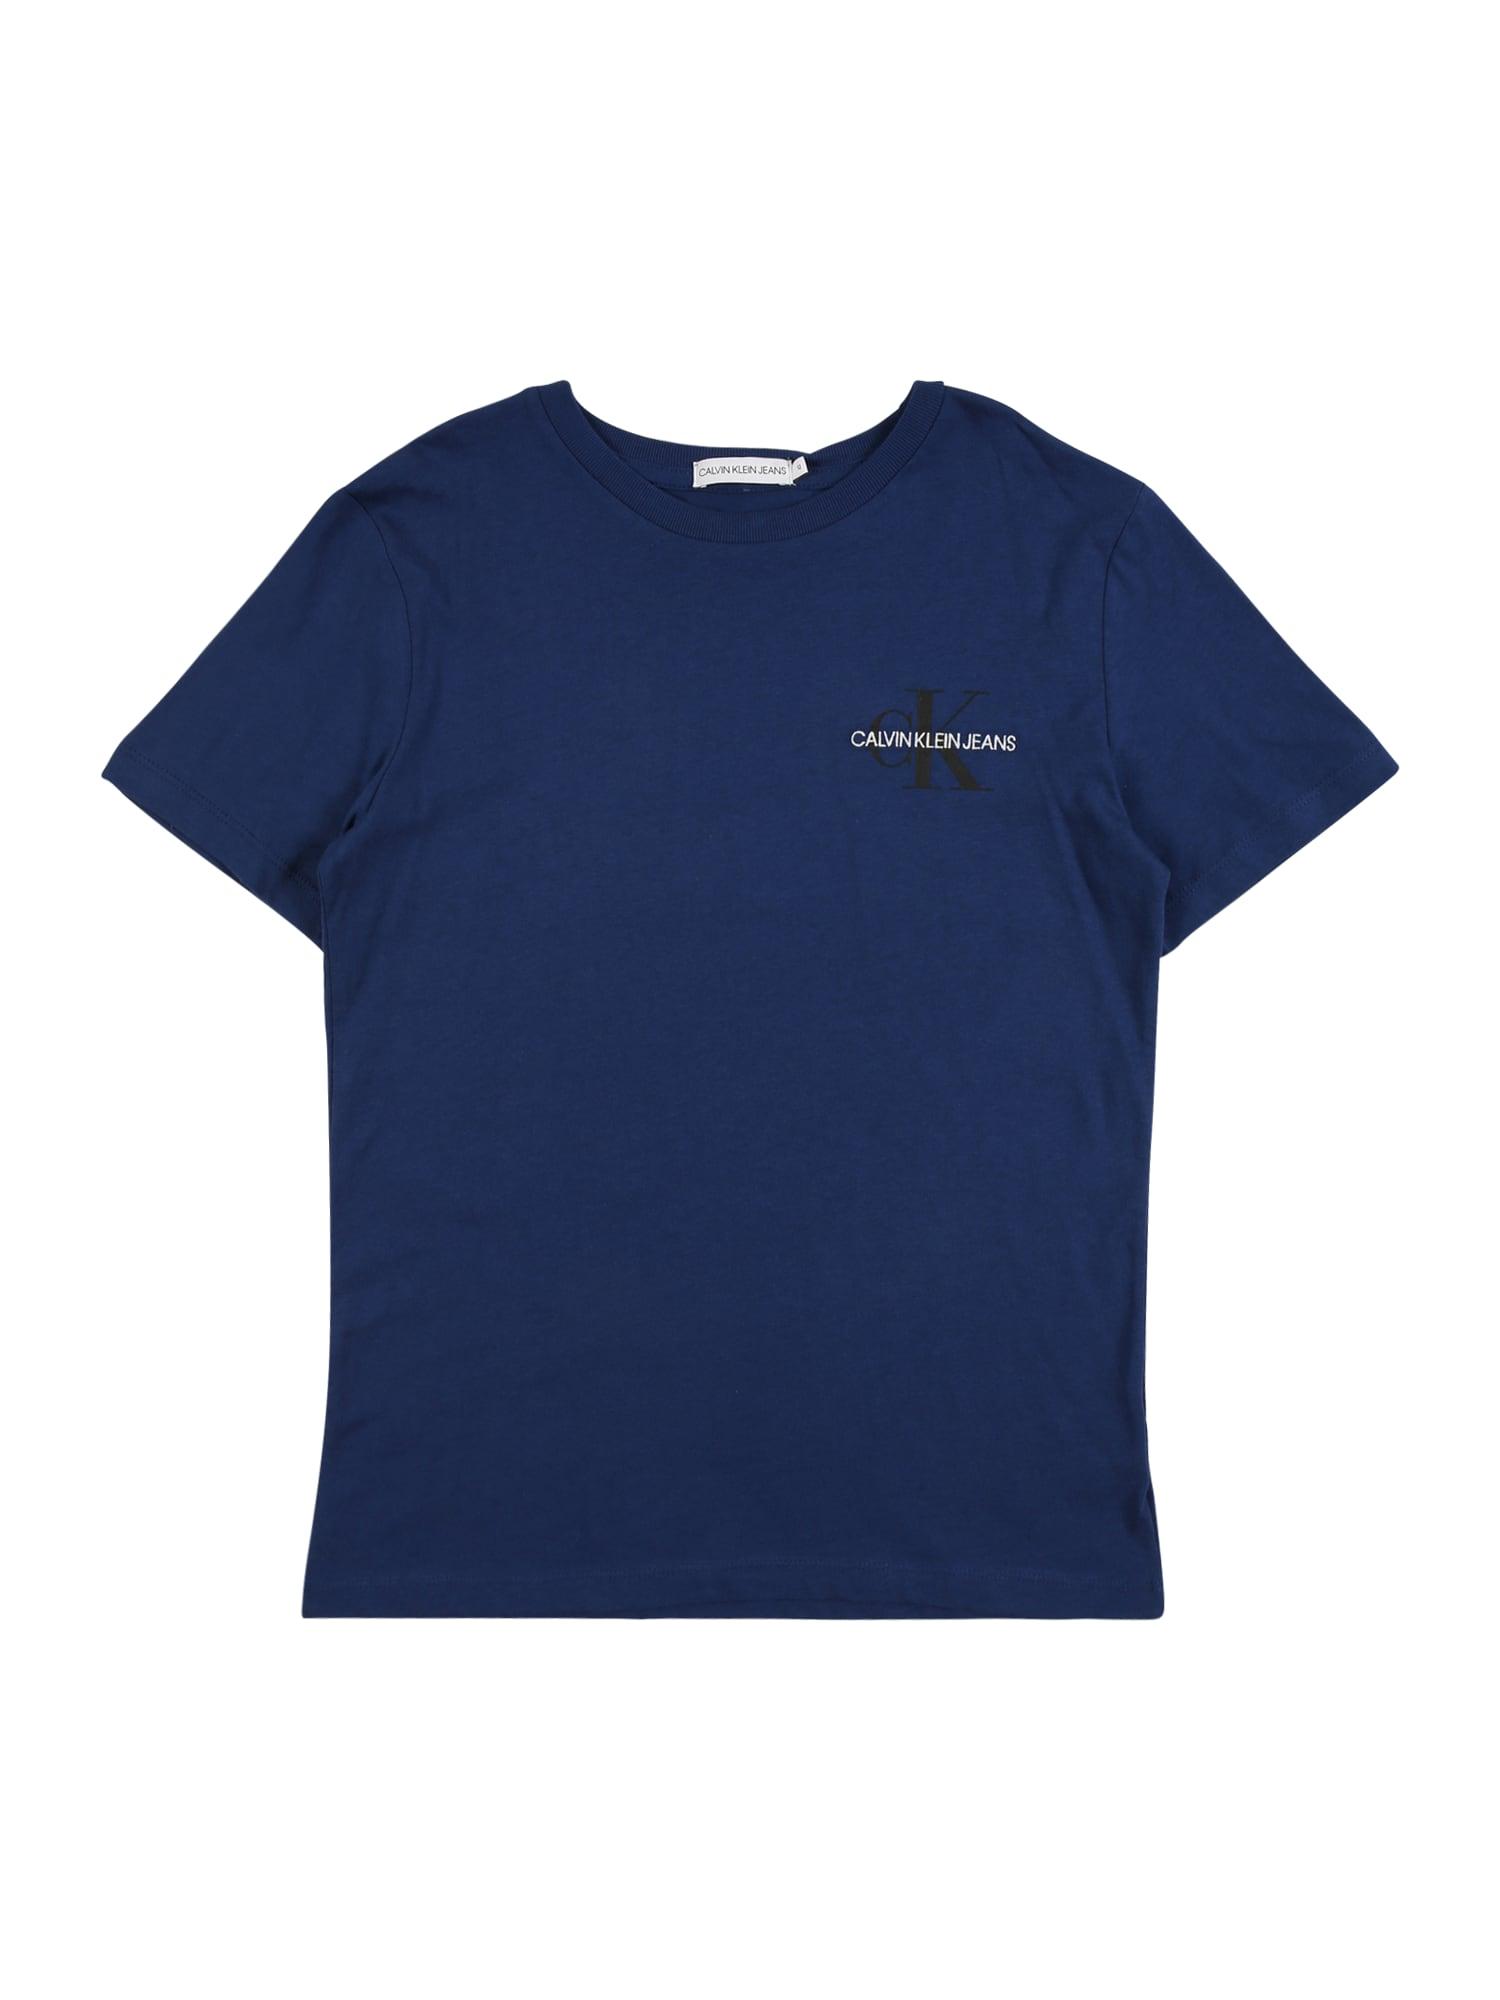 Calvin Klein Jeans Tričko  tmavě modrá / bílá / černá